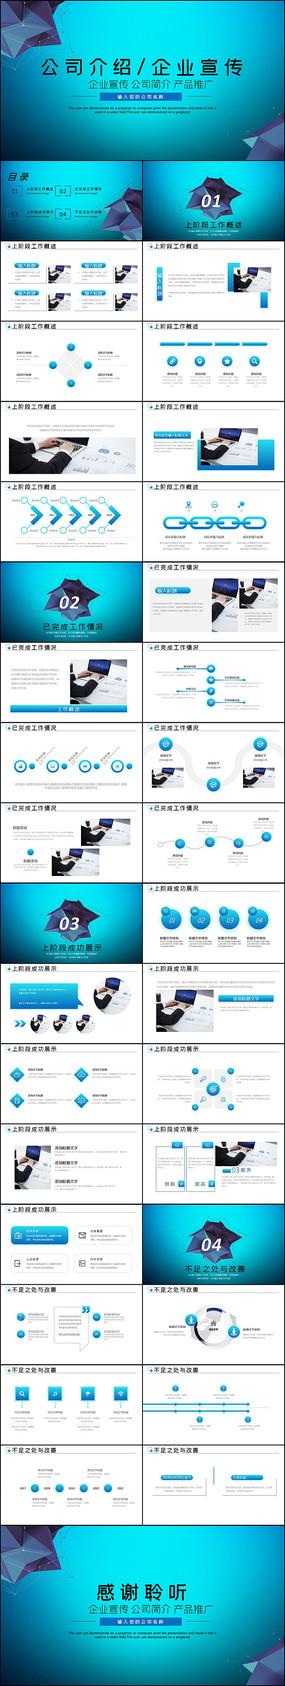 藍色大氣企業公司宣傳簡介動態PPT模板